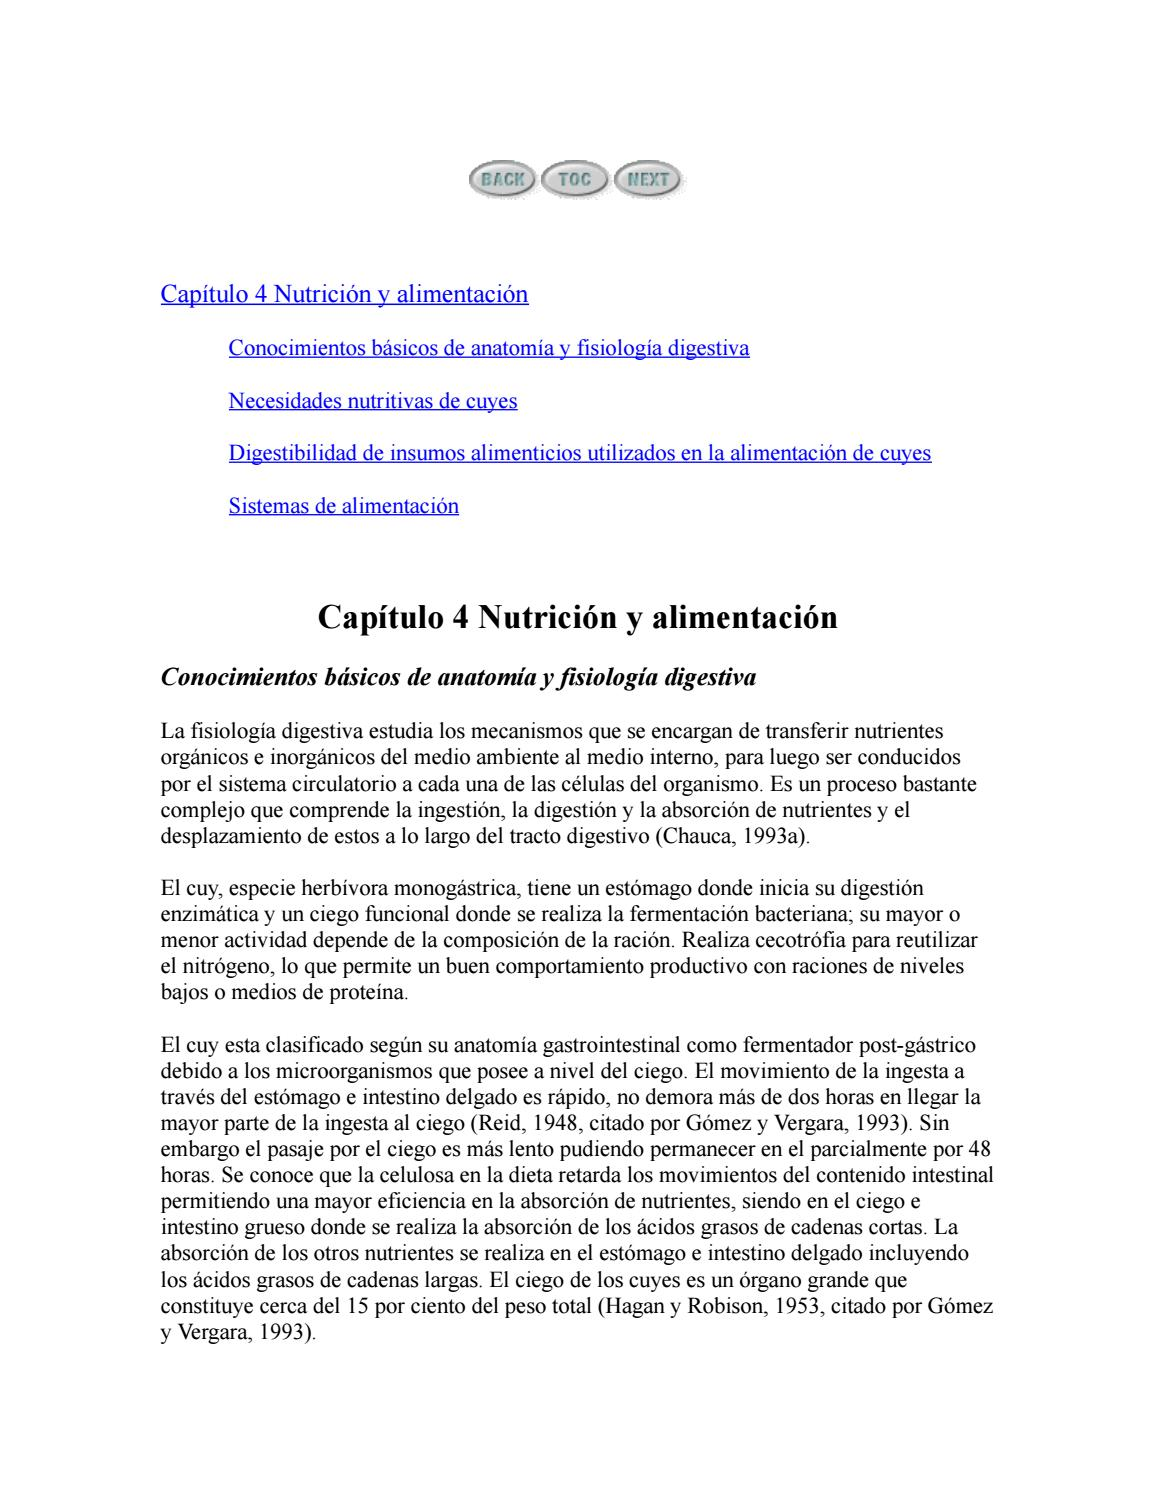 Asombroso Anatomía Y Fisiología Del Capítulo 4 De La Prueba ...